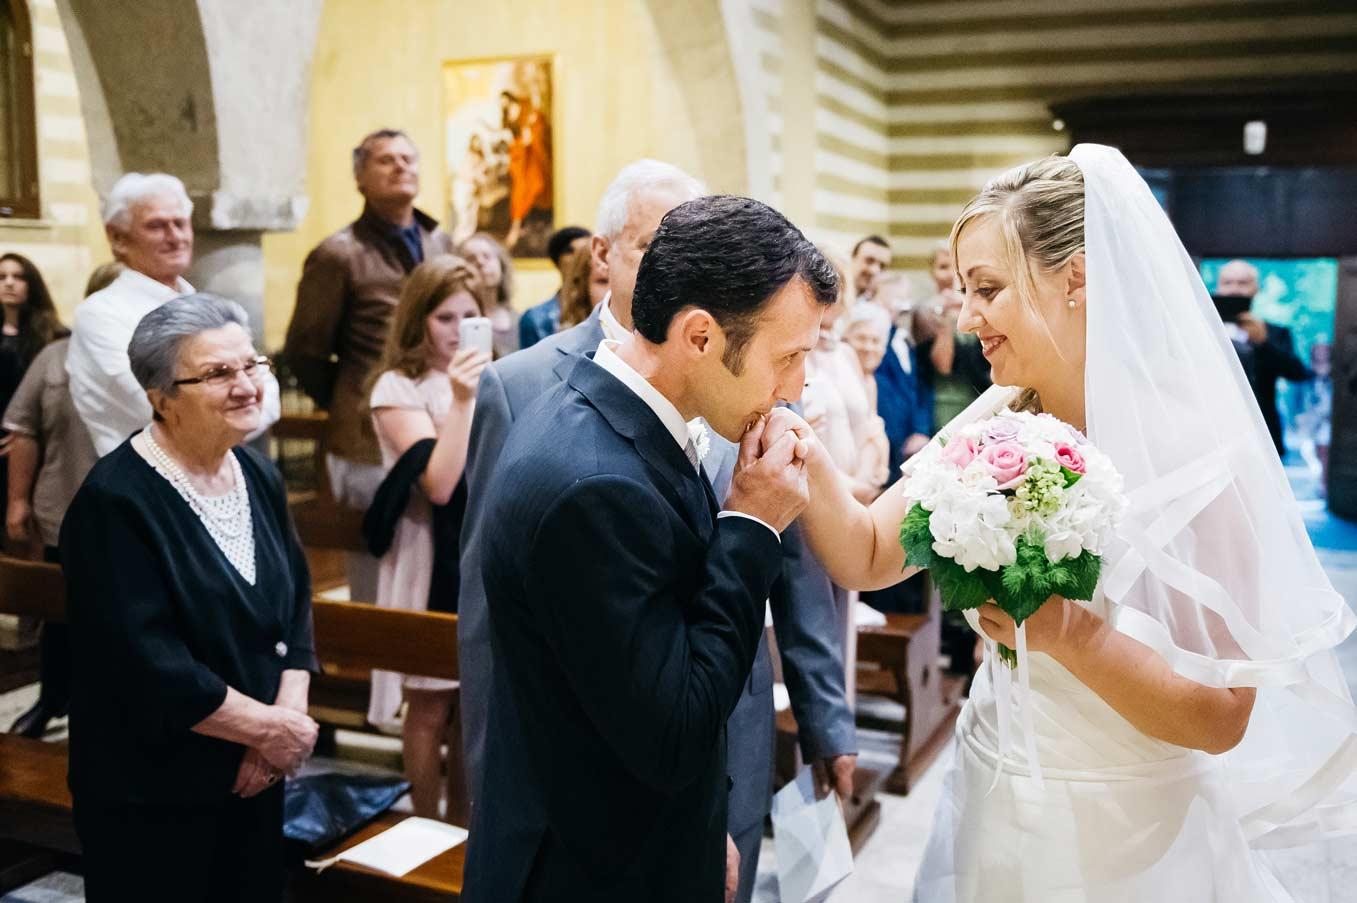 Reportage-Wedding-Photographer-1-Ceremony